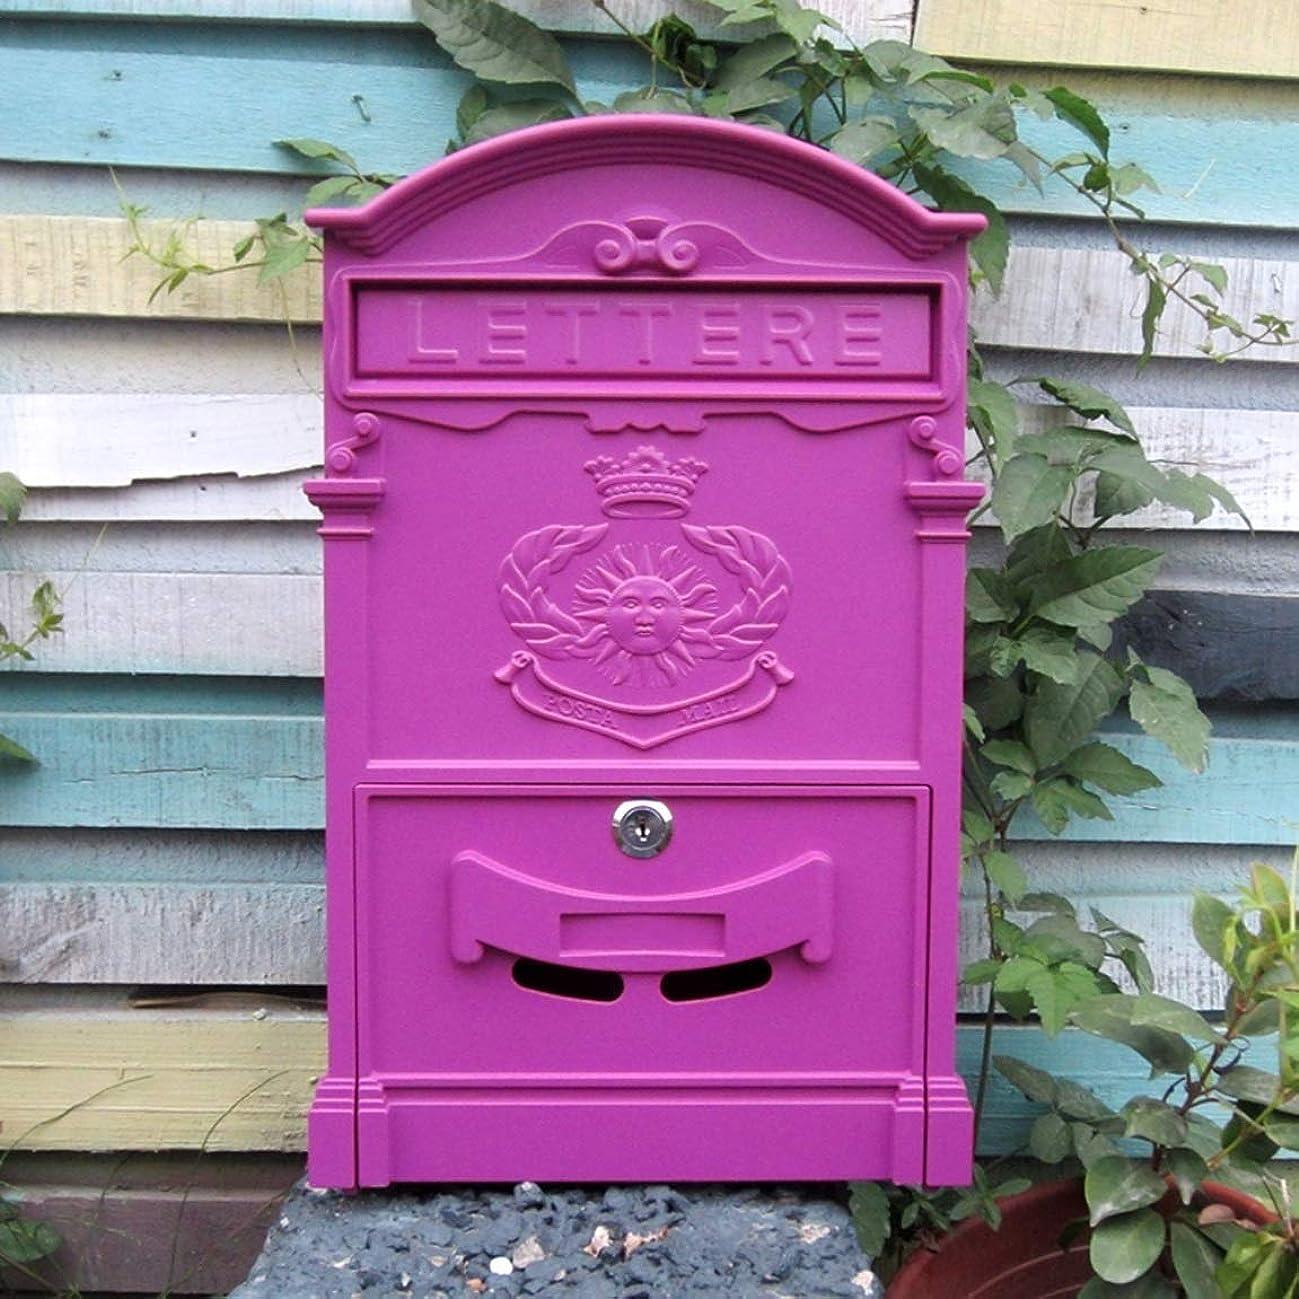 アクセル特権寝てるヨーロッパの郵便箱の屋外の壁掛けのポスト箱の防水新聞箱の紫色のピンク 屋外セキュリティメールボックス